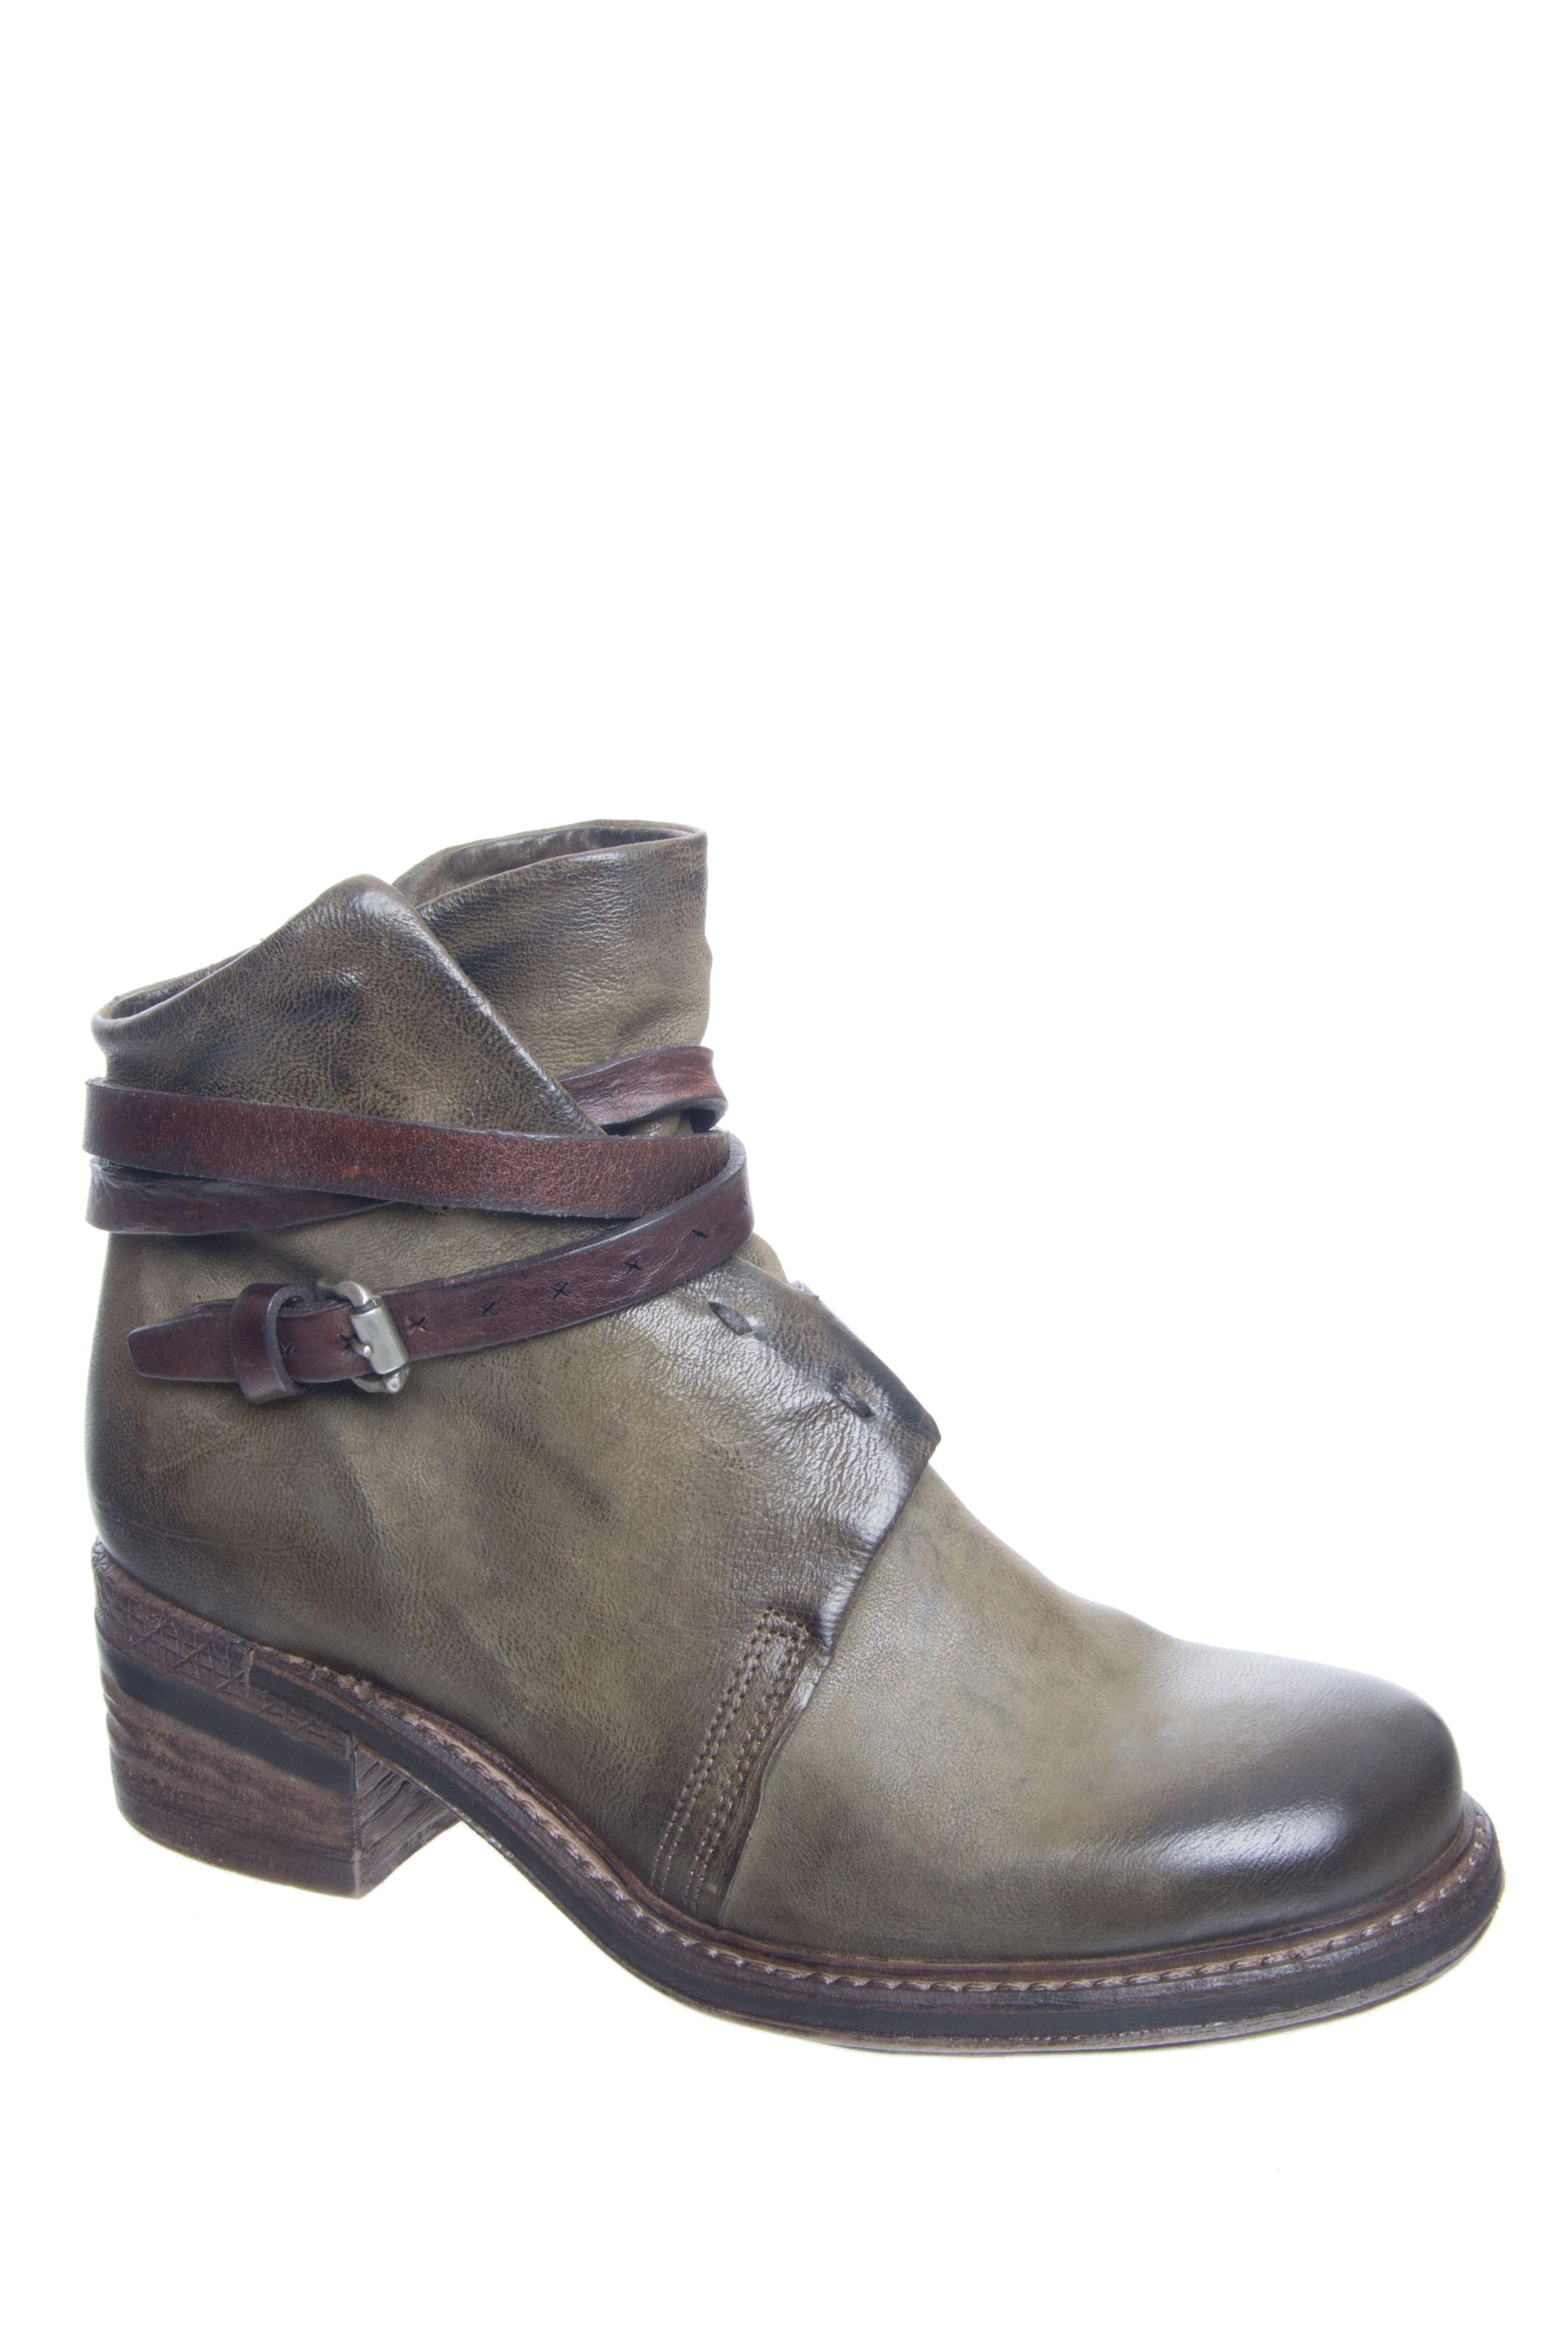 A.S.98 Norman Mid Heel Booties - Loden